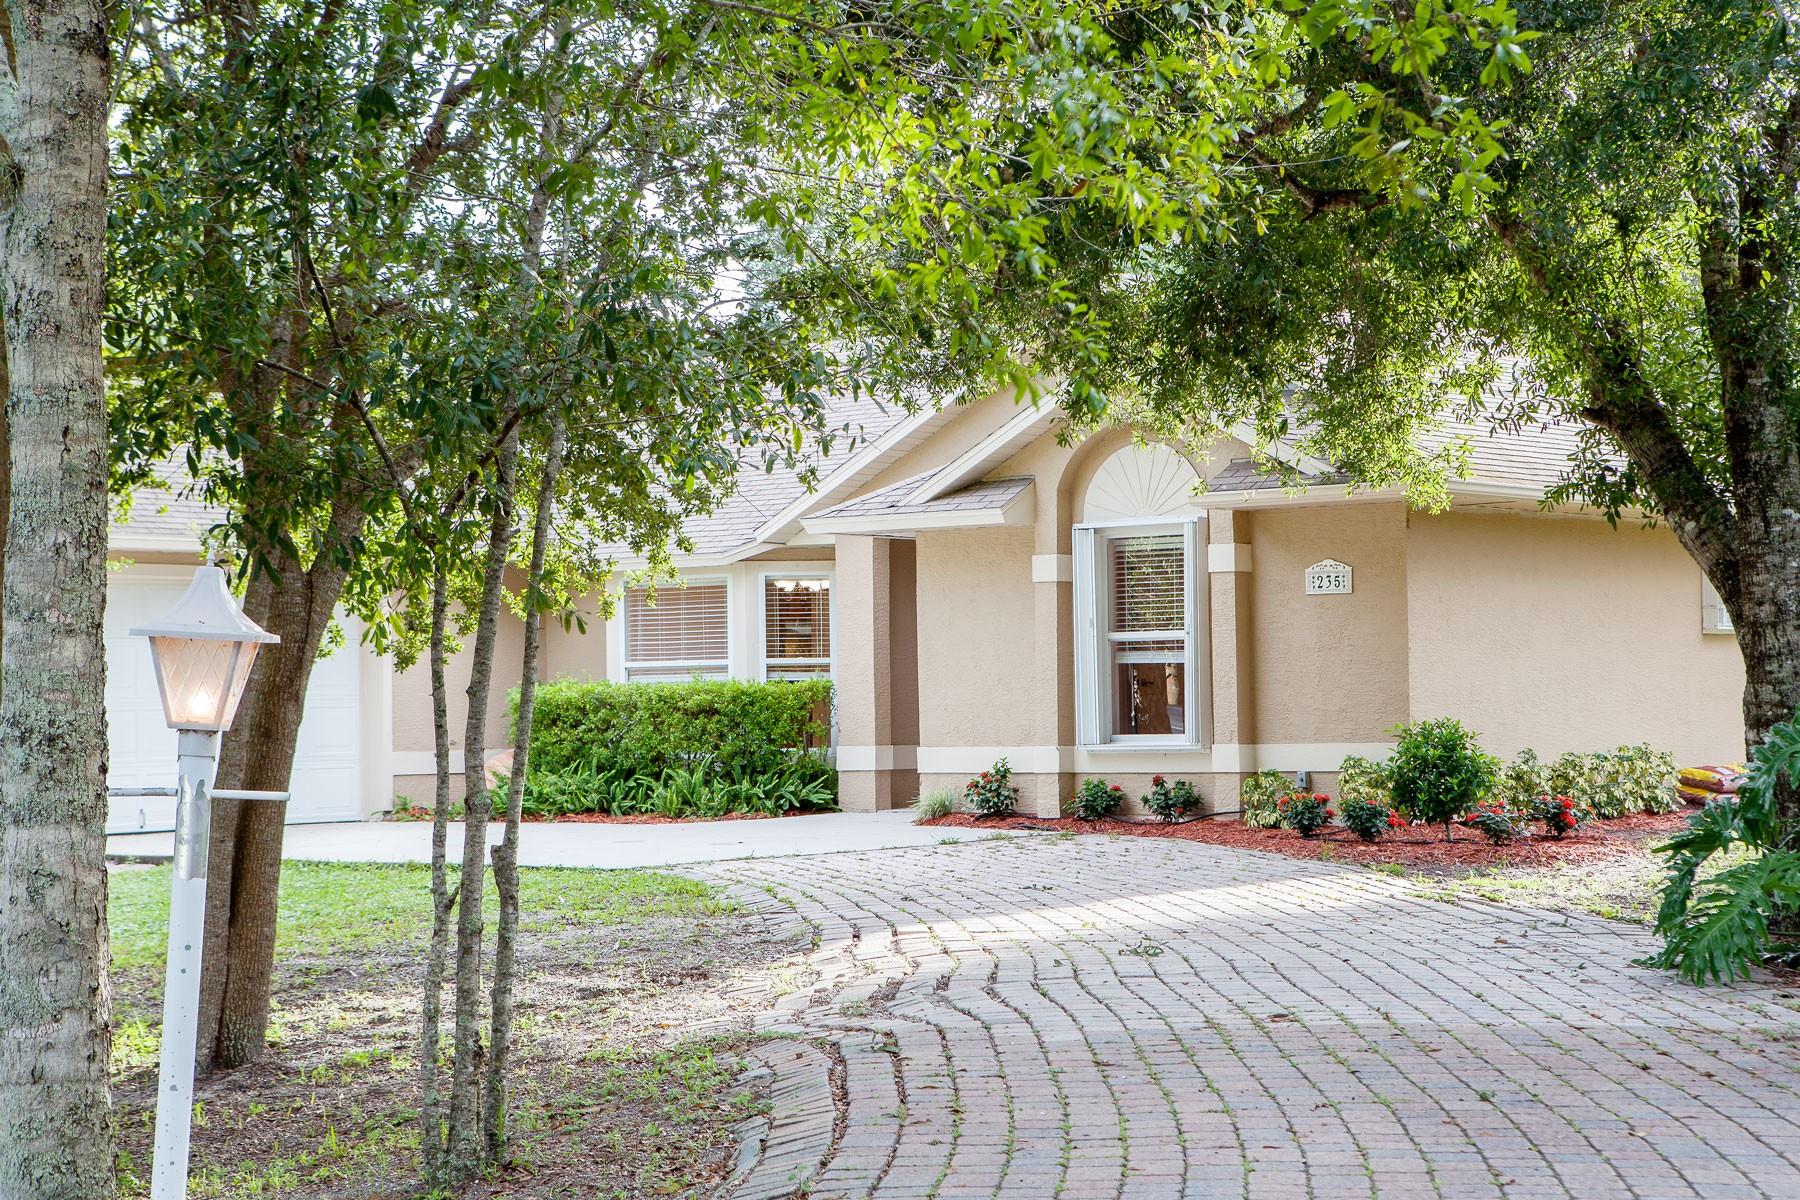 Villa per Vendita alle ore Beautiful Home on 1/2 acre in Westlake Park 235 43d Avenue Vero Beach, Florida 32968 Stati Uniti